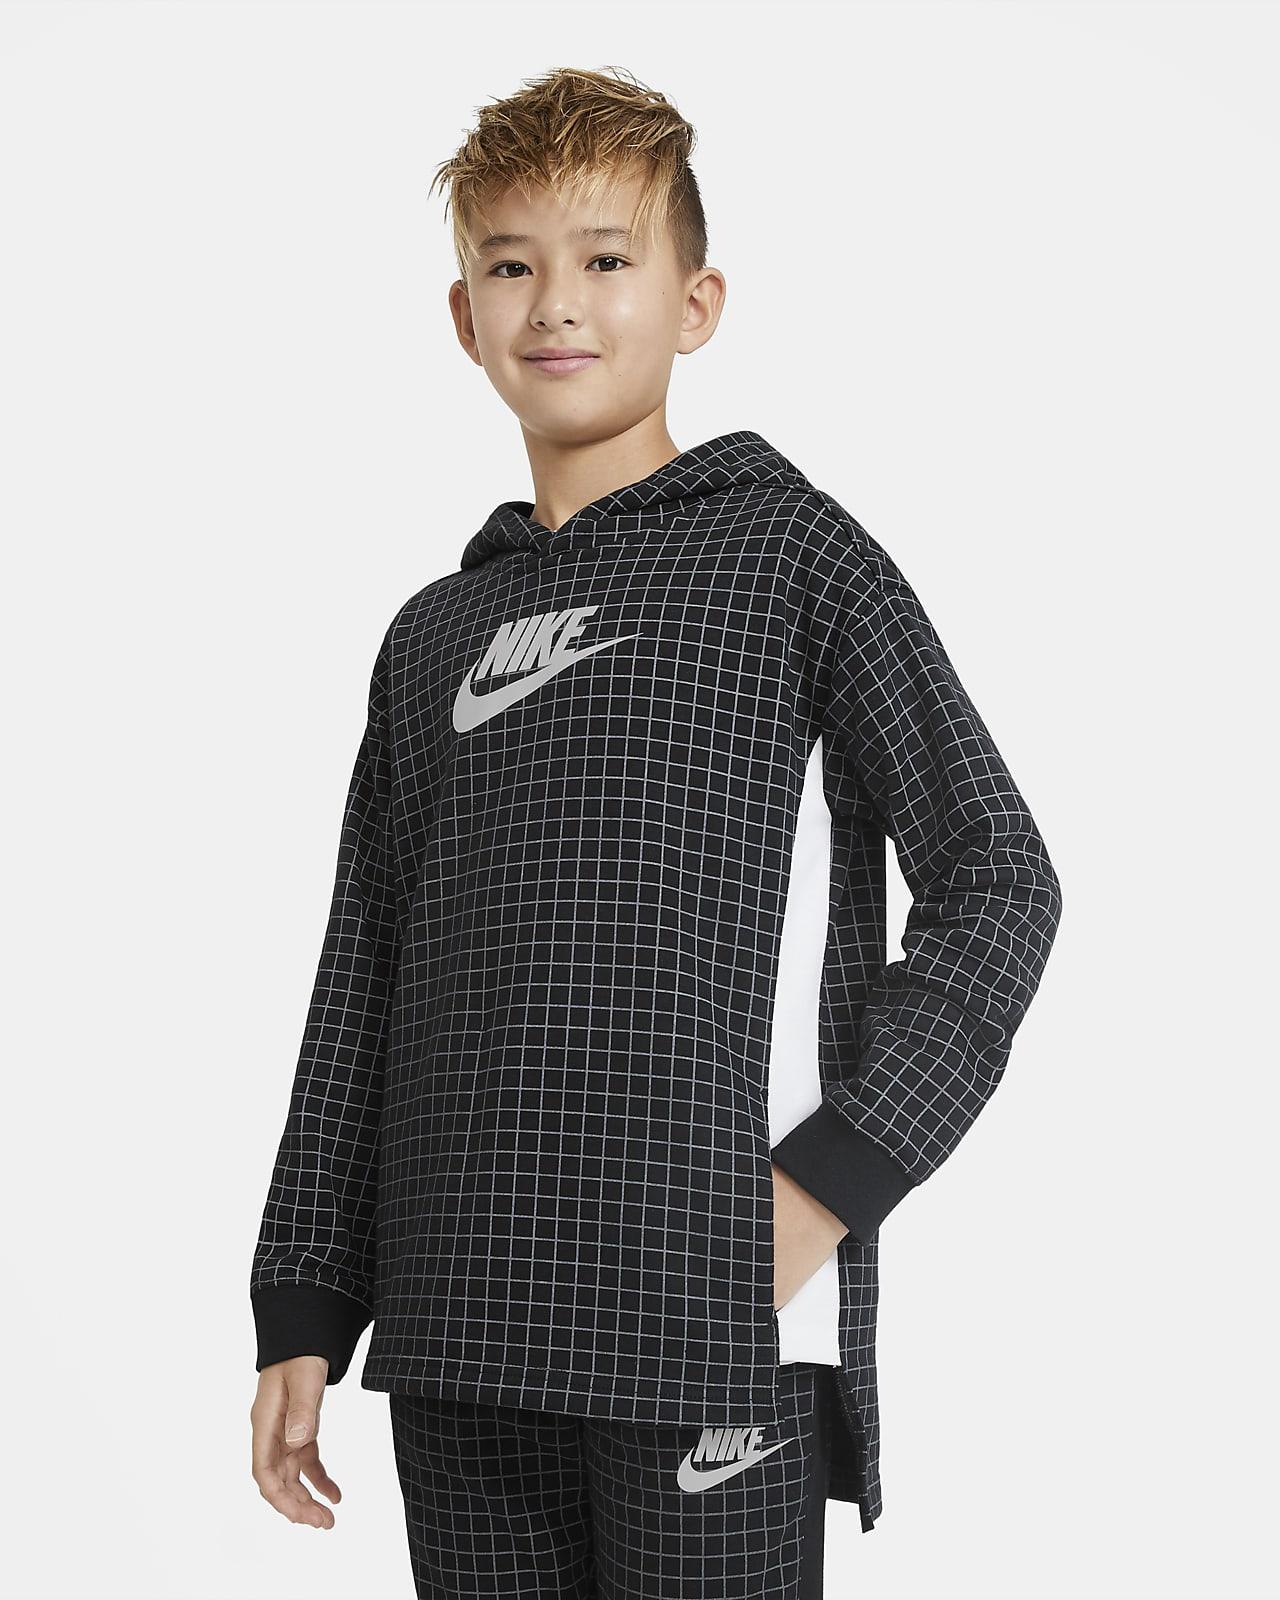 Flísová mikina Nike Sportswear pro větší děti (chlapce) skulatým výstřihem